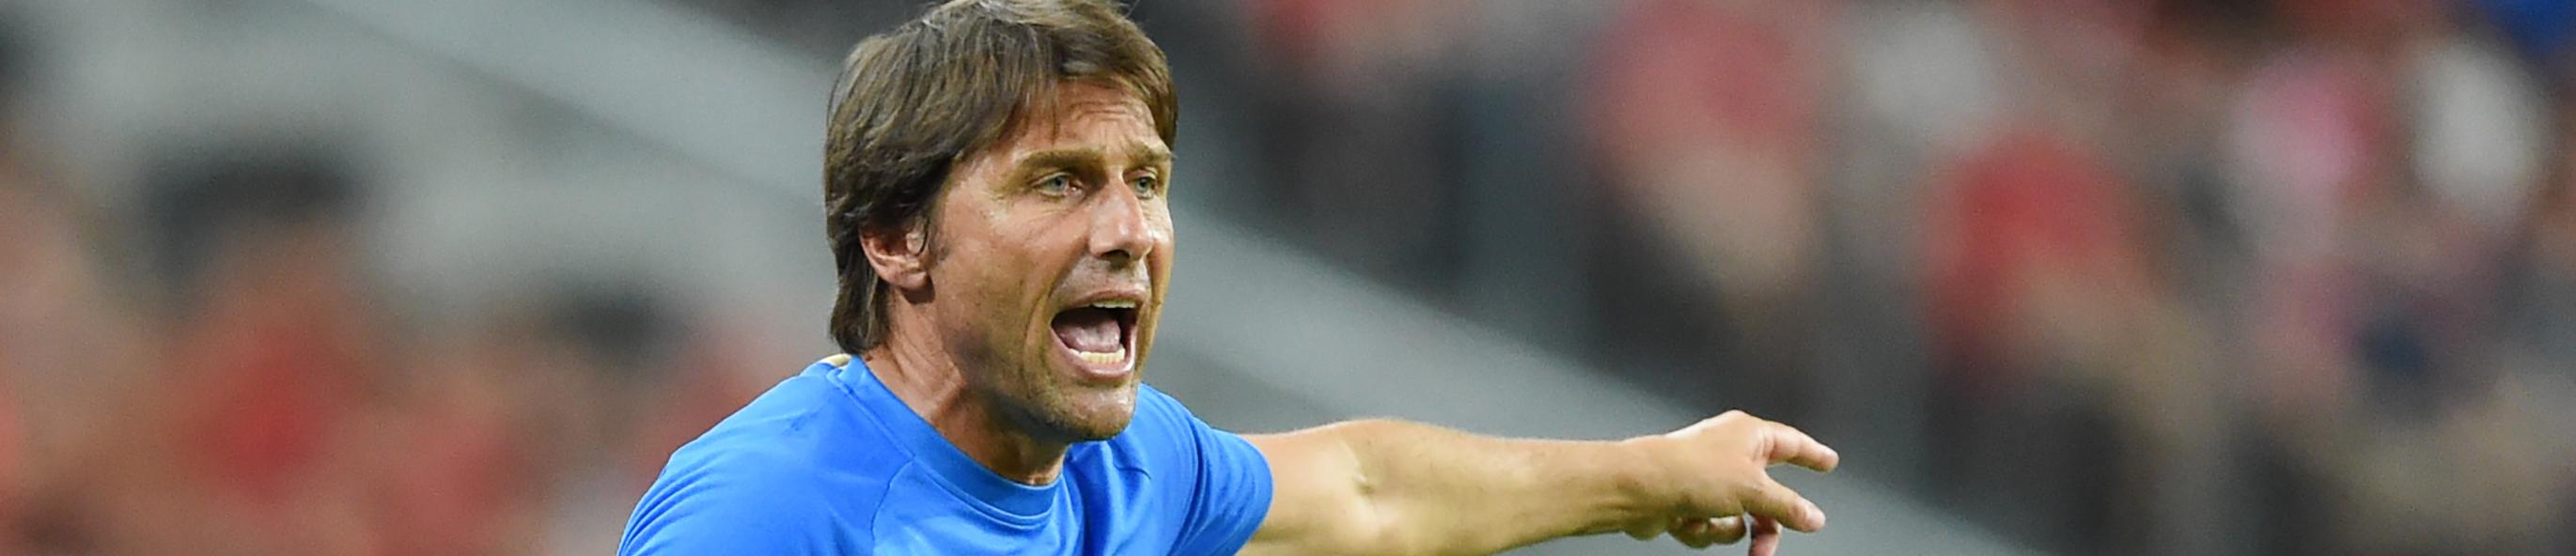 Campionato senza Juve: come sarebbe la Serie A senza la Vecchia Signora